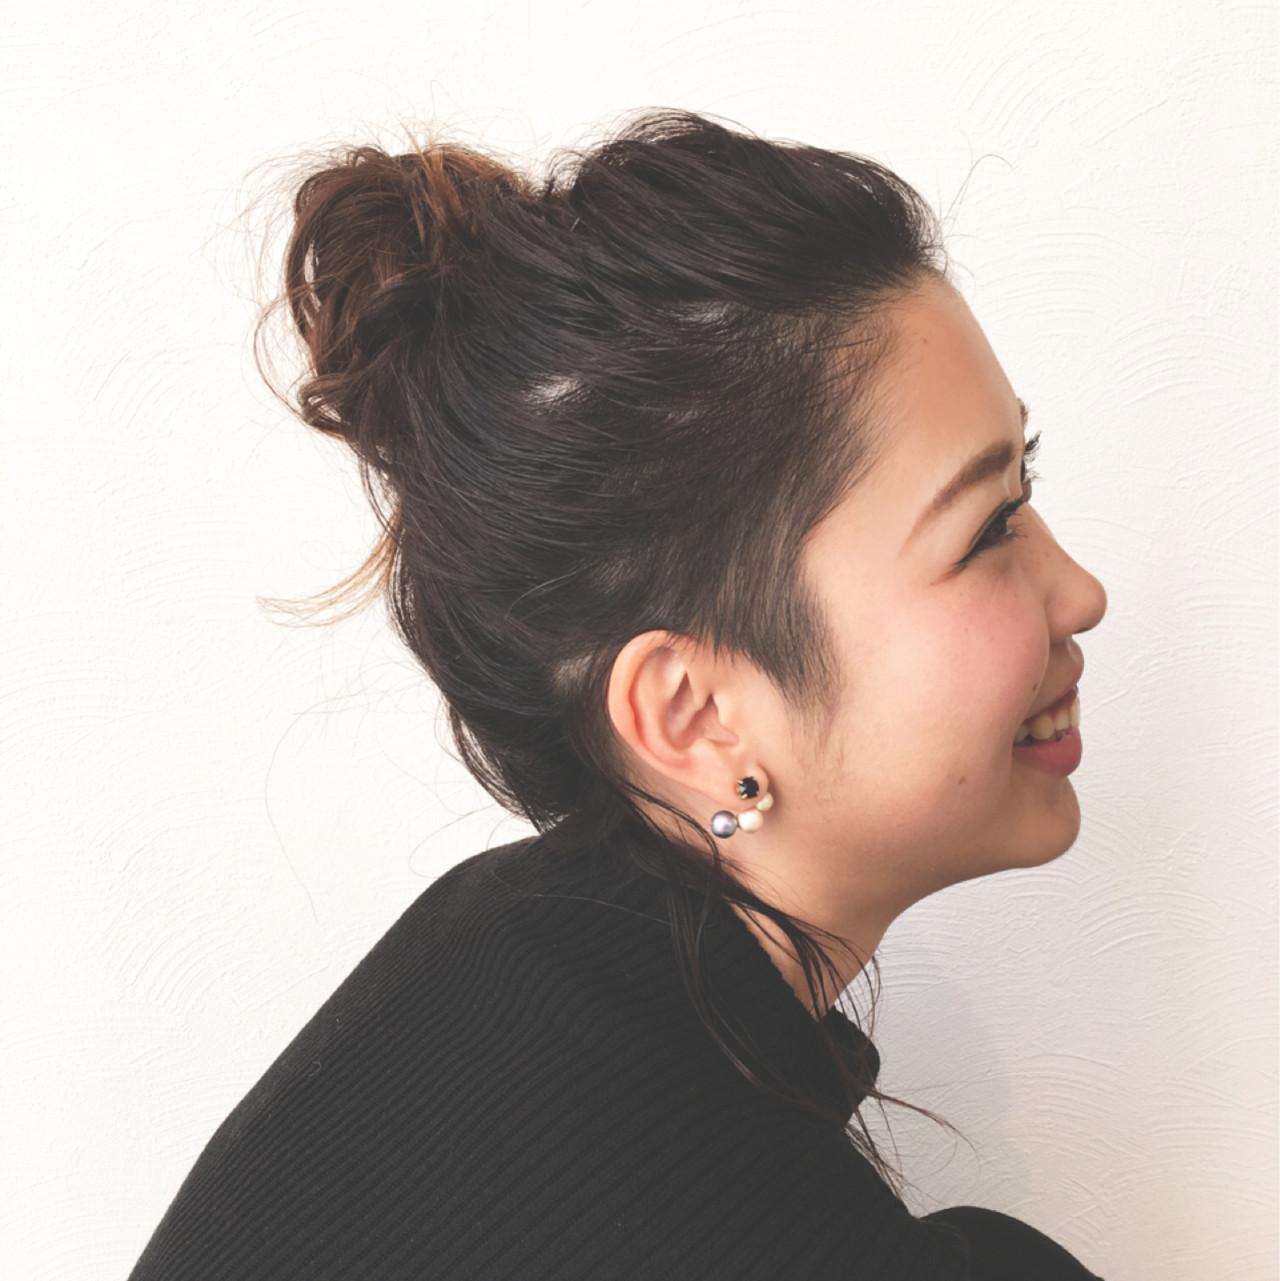 ノーバングってヘアアレンジしにくい・・・?前髪なんていらないアレンジ術大公開☆ 村上 ゆうすけ / SAKURA